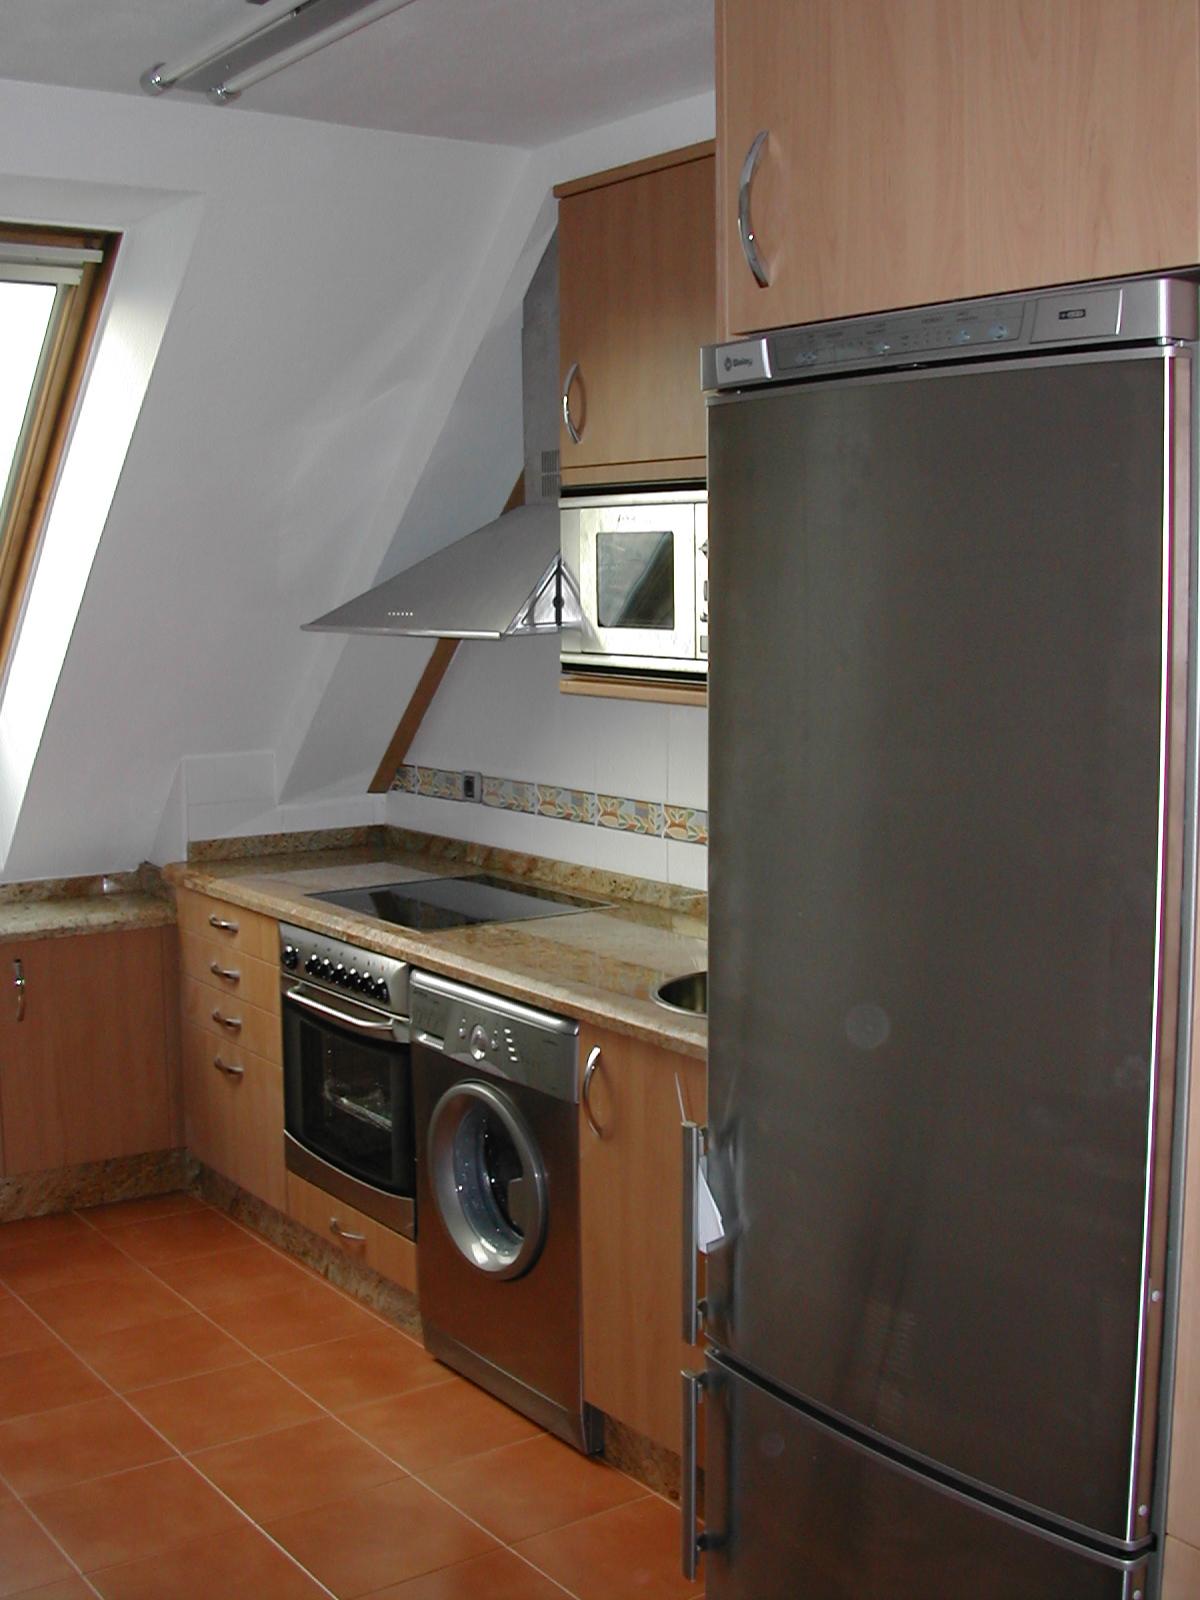 Indicoc muebles de cocina: Cocina C/ Lopez Del Vallado (Oviedo)